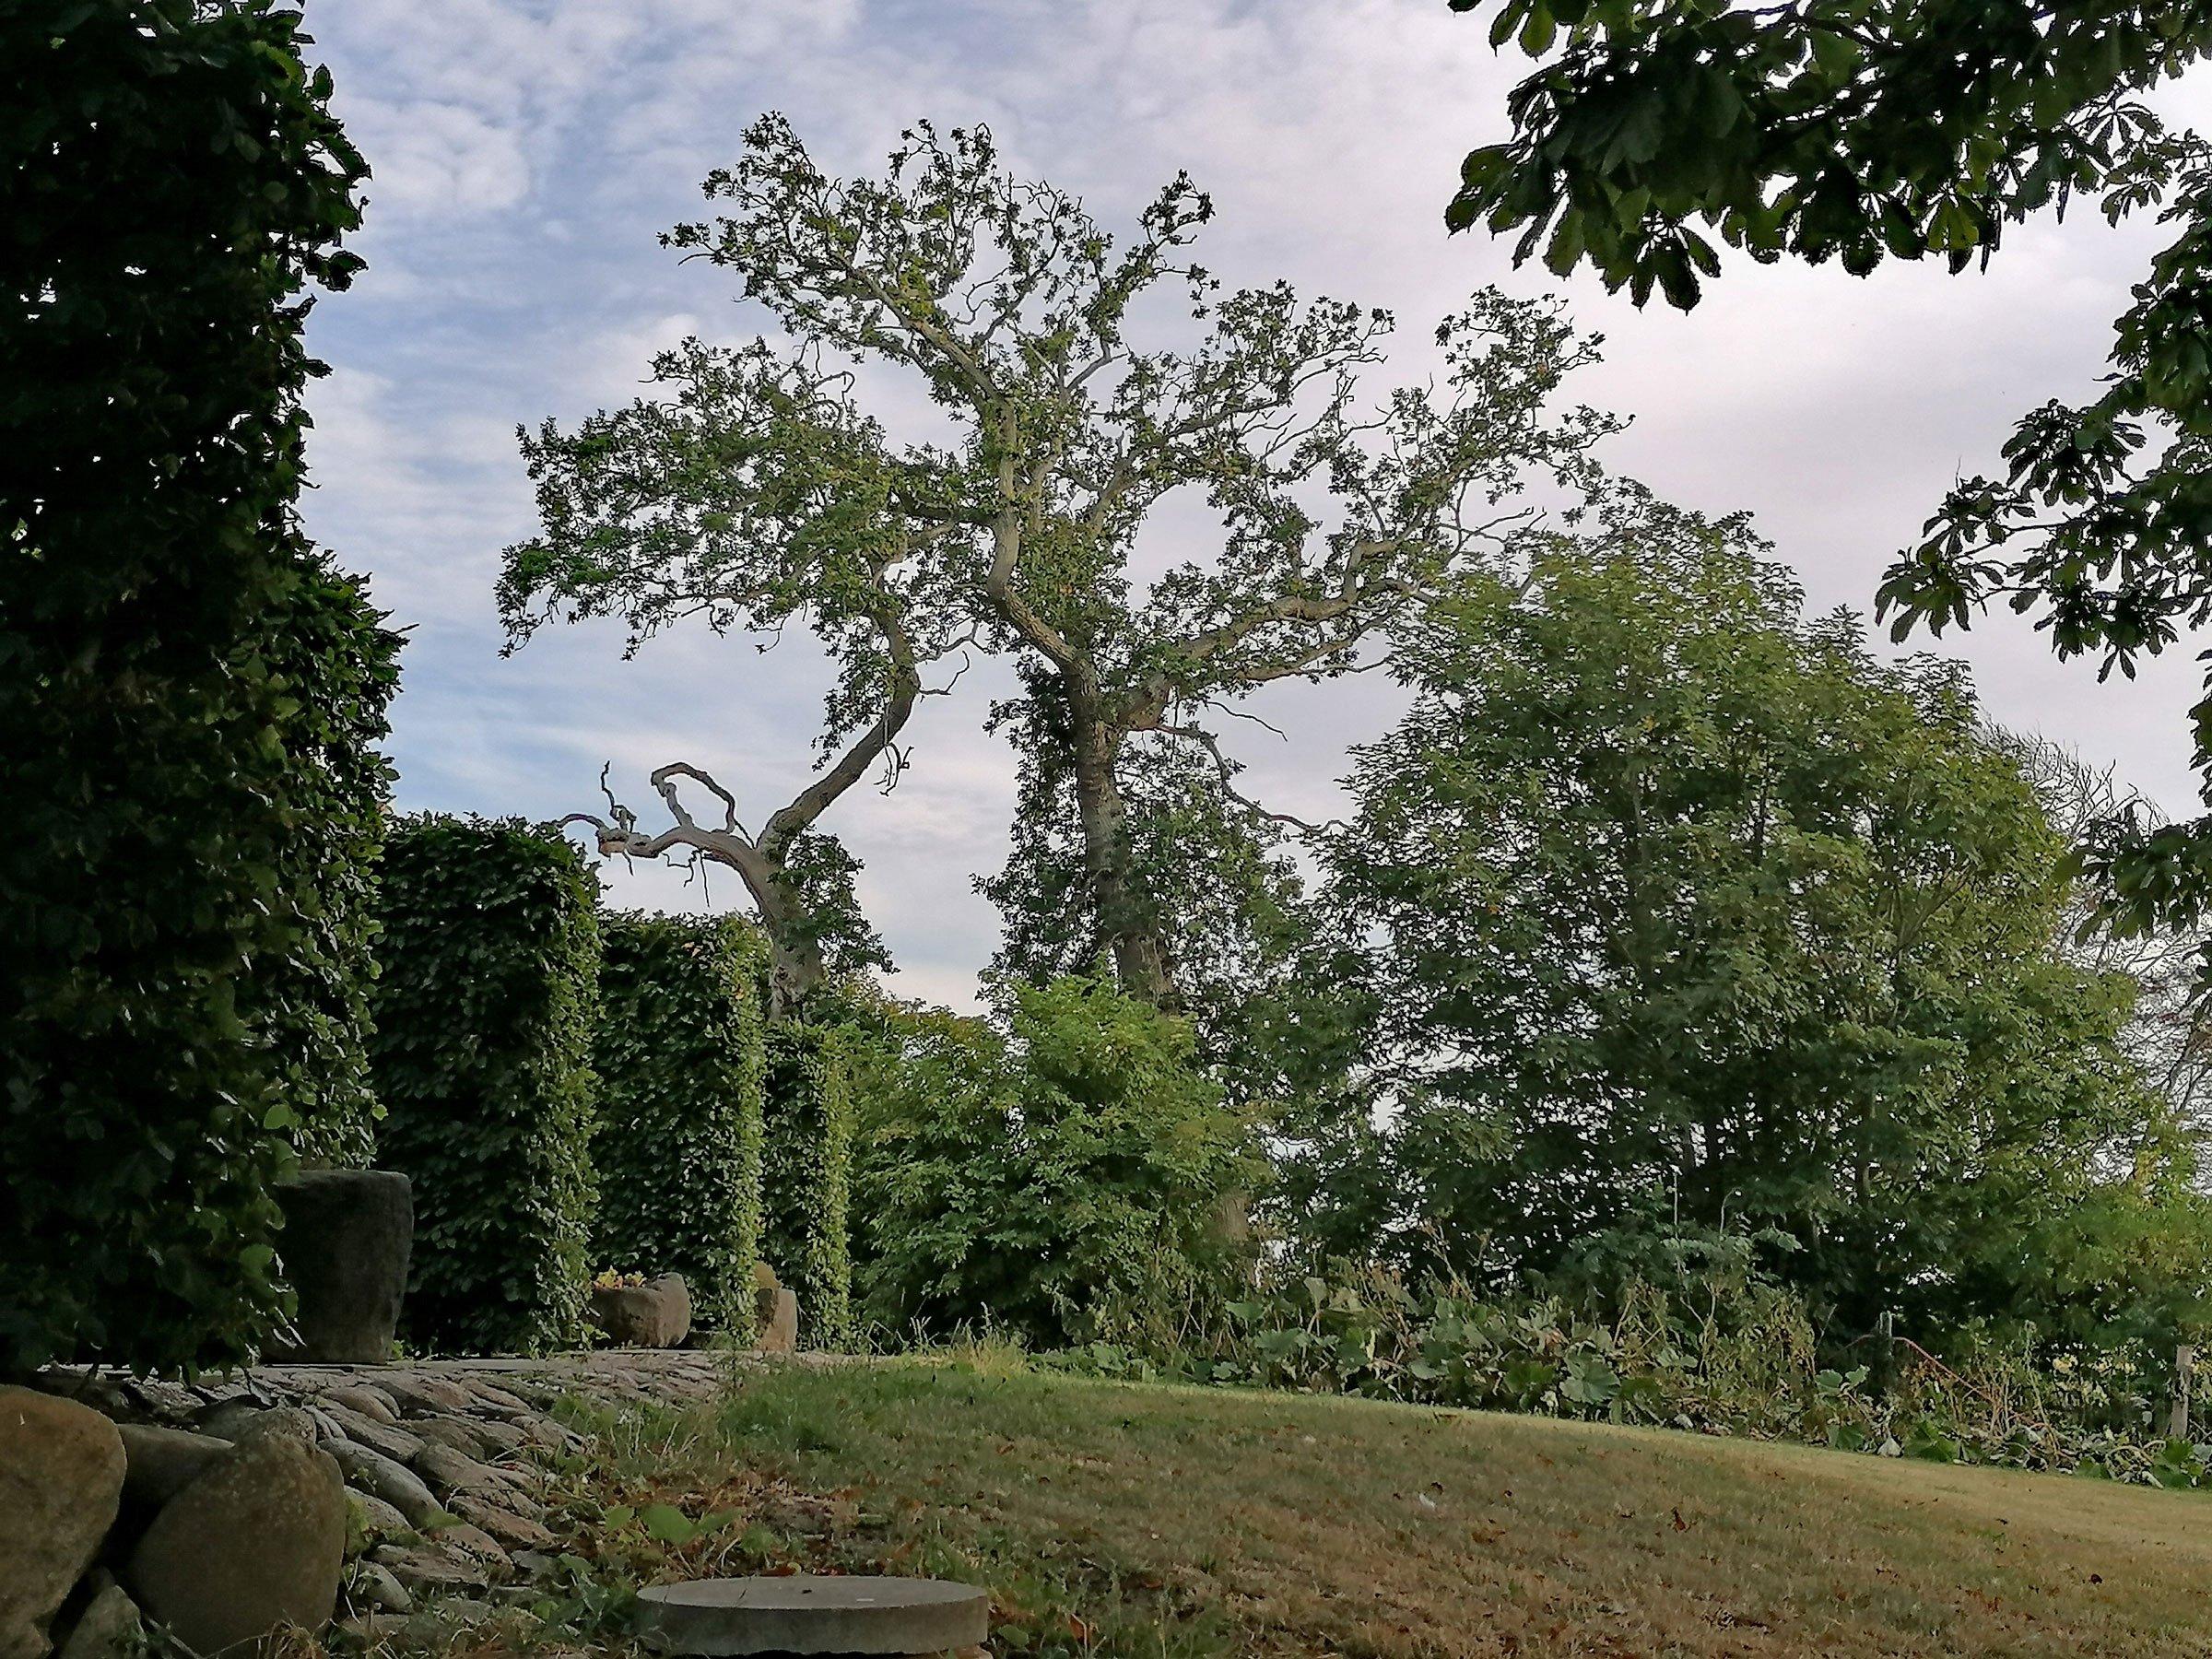 1_Dragsholm-Castle_09.08.2020